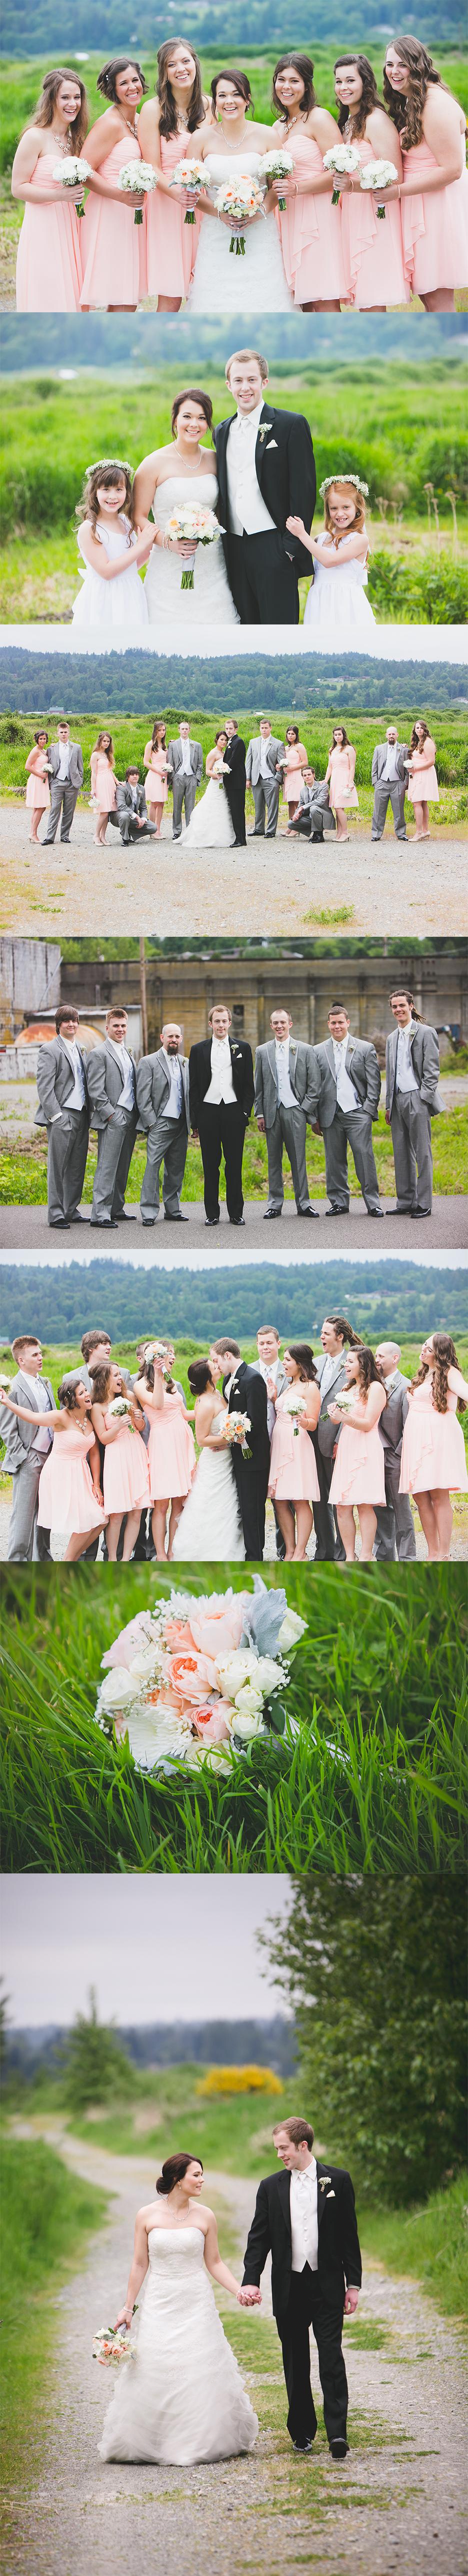 Woodinville WA Weddings